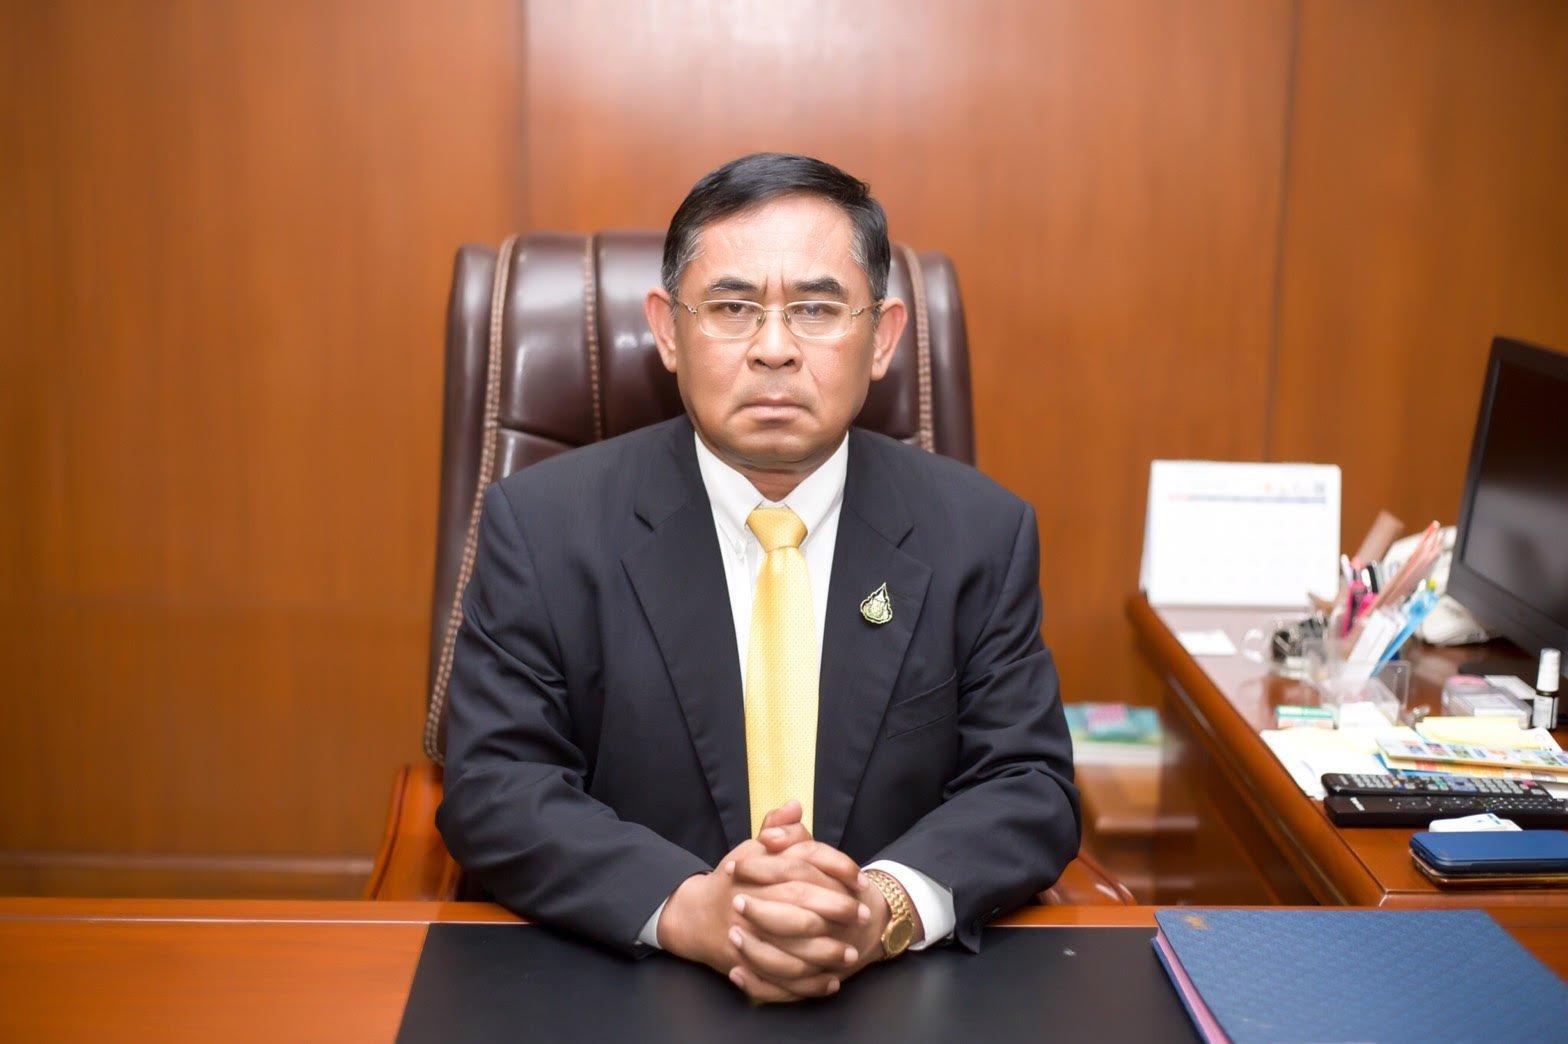 เพิ่มช่องทางติดต่อเงินประกันสังคม thaihealth